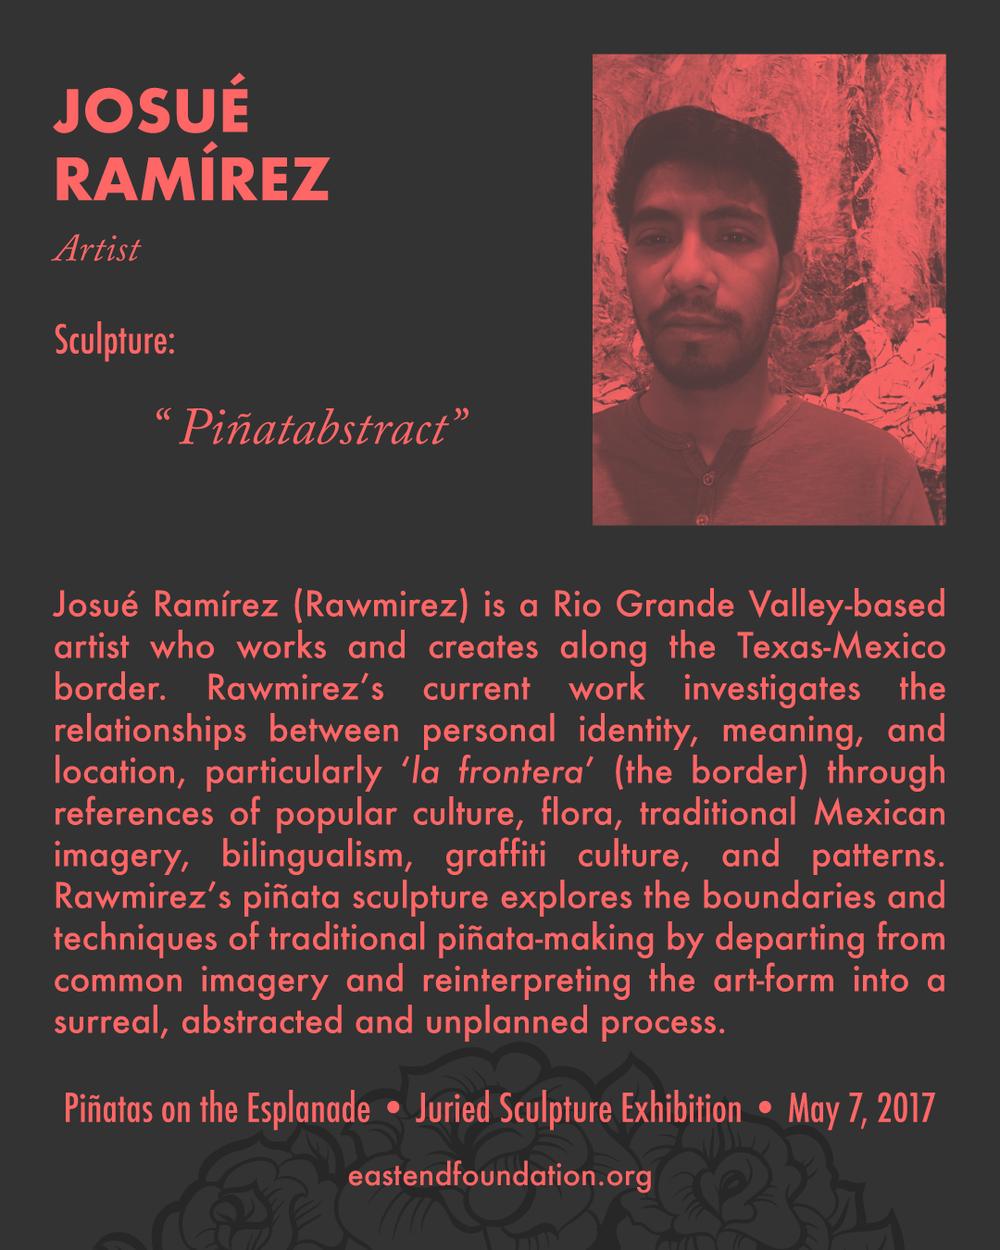 rawmirez.com